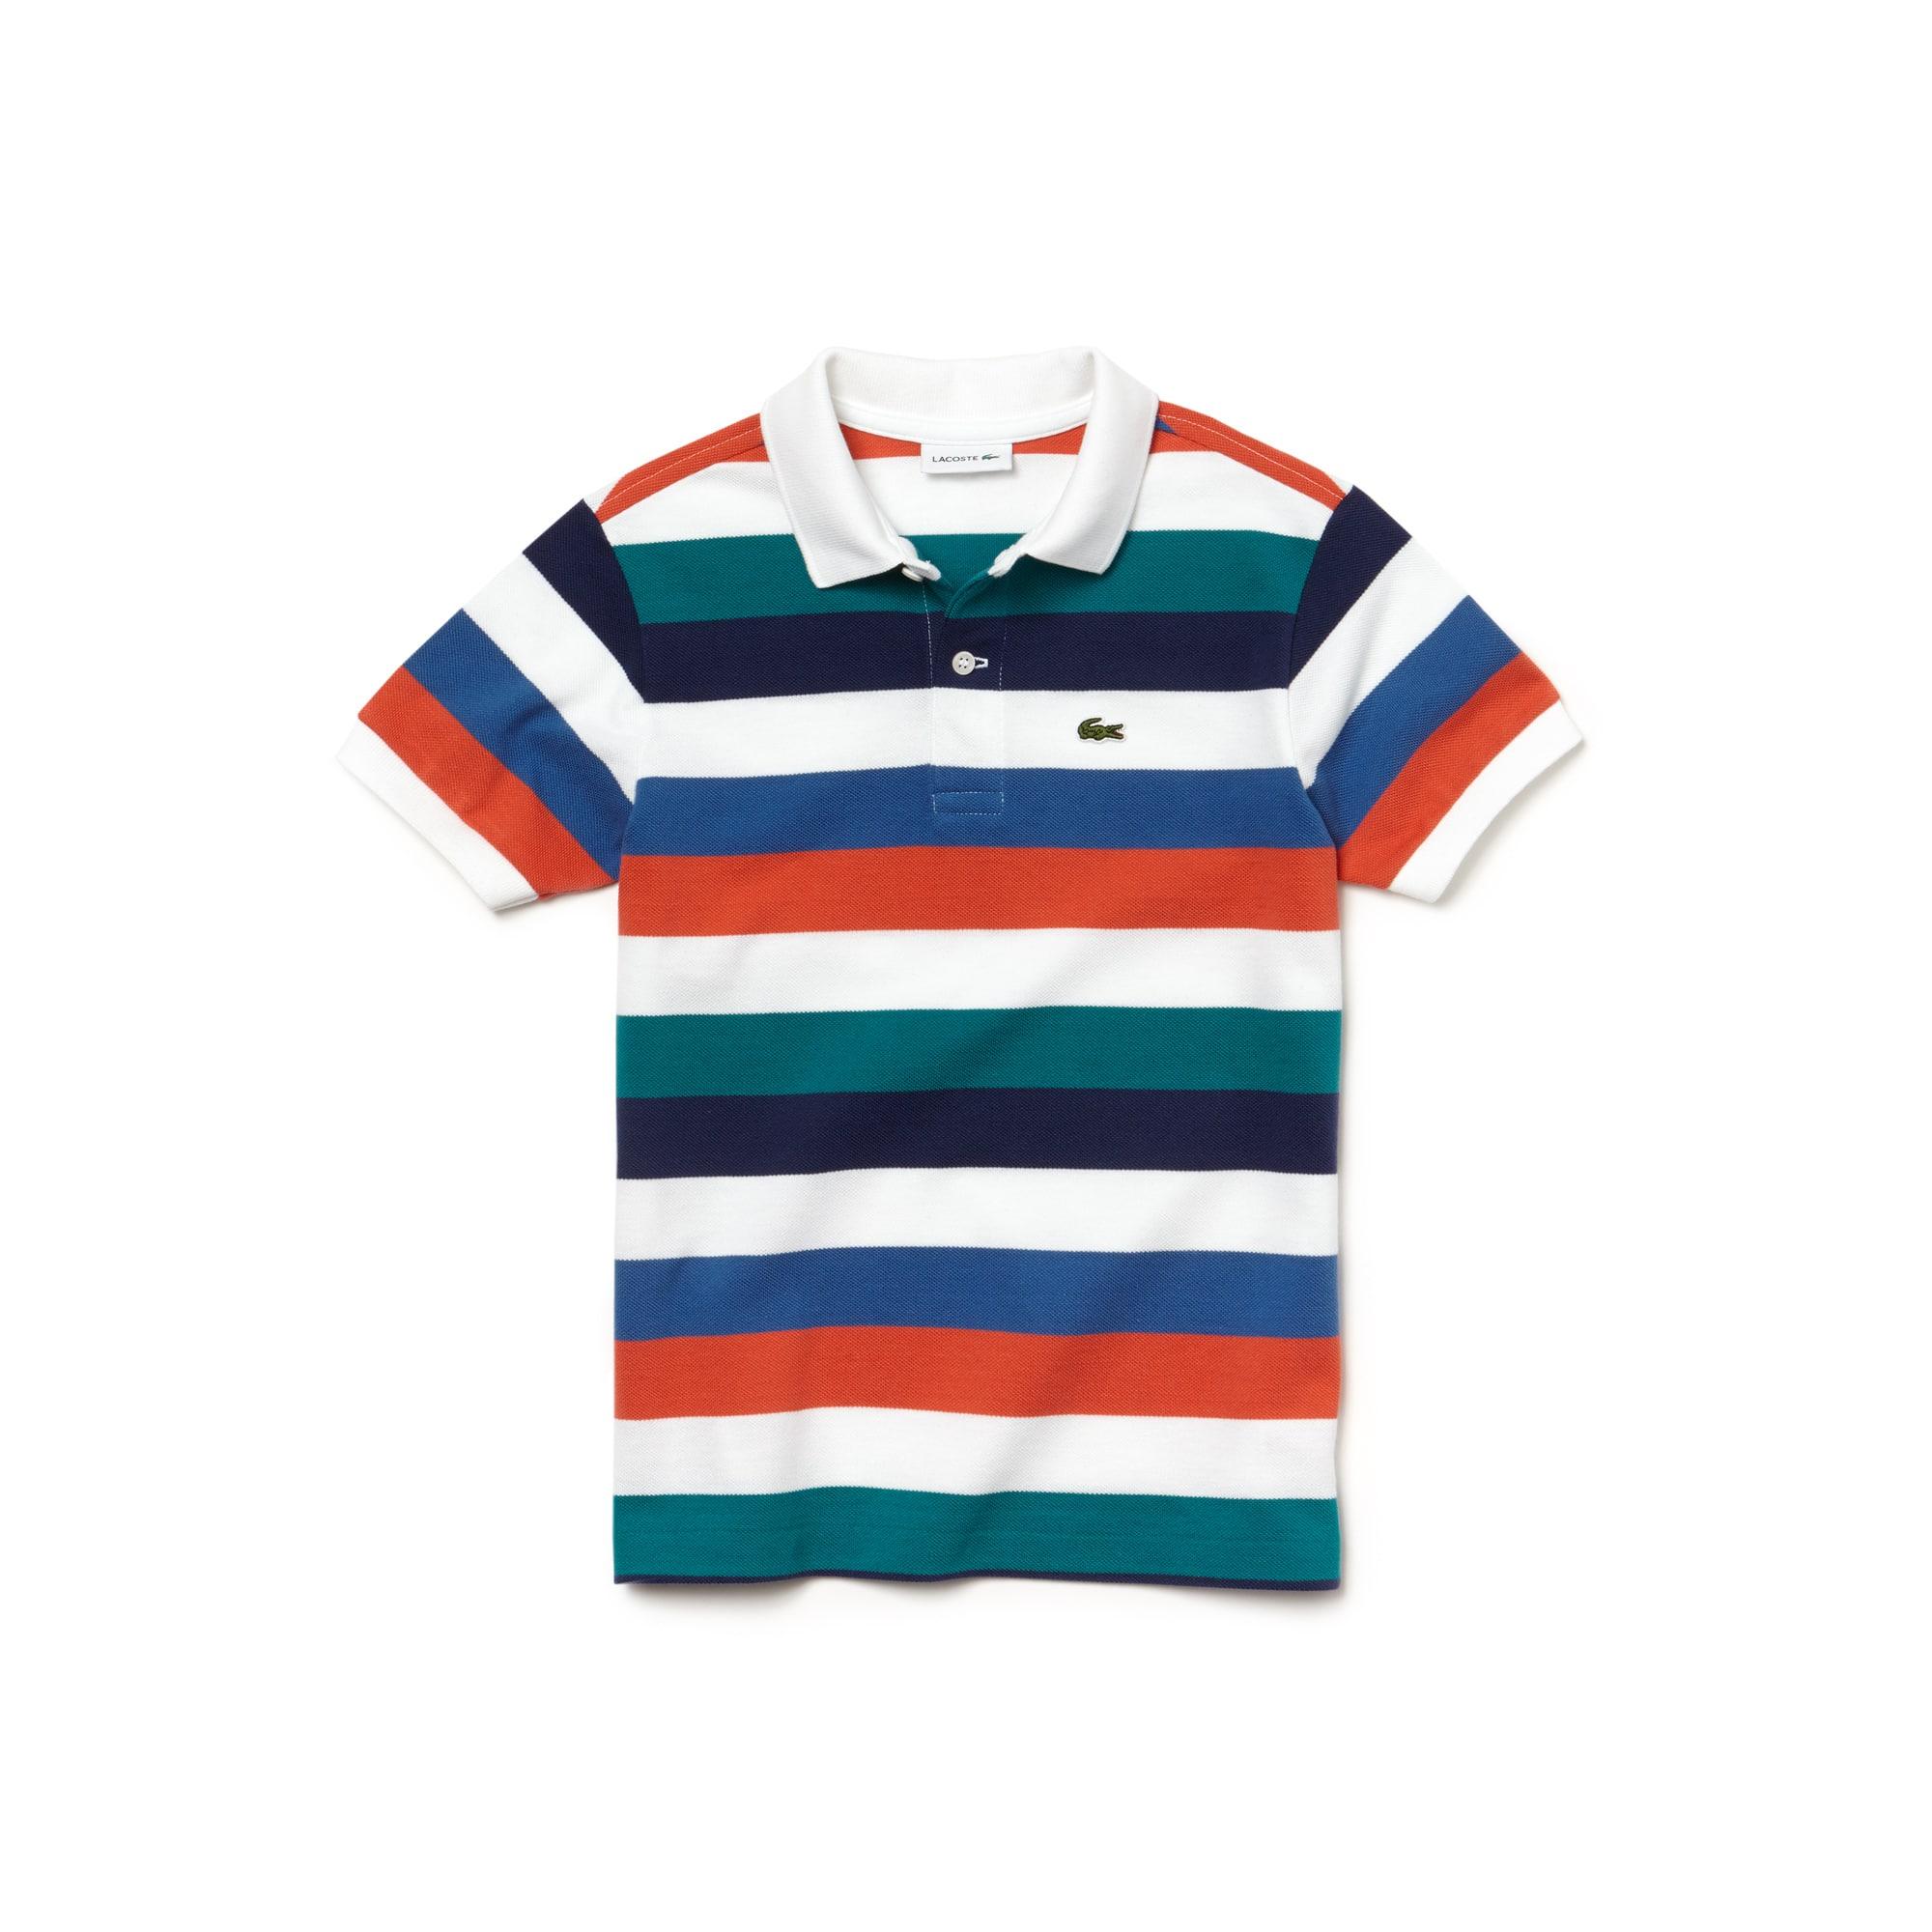 Todas As Camisas Polo A Colecao Polo Lacoste